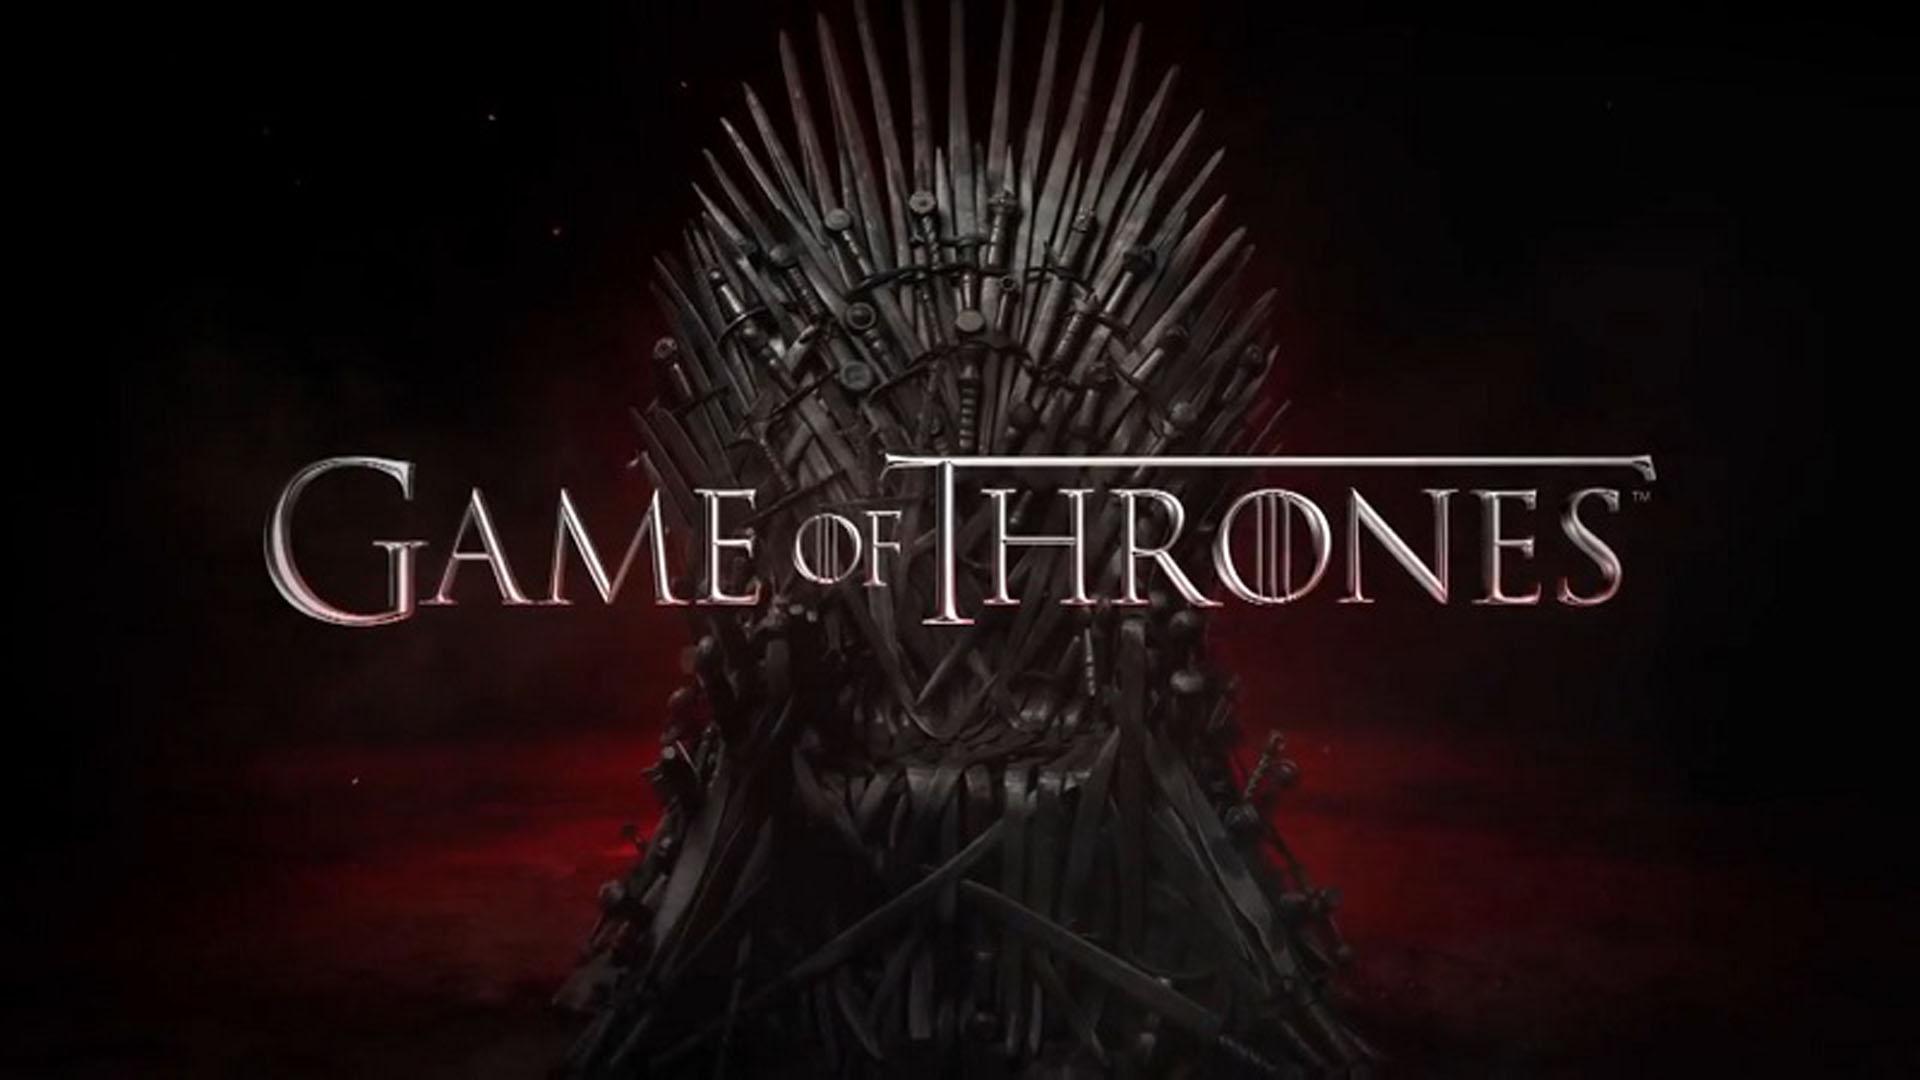 Kit Harington hace divertido casting para otros personajes de Game of Thrones